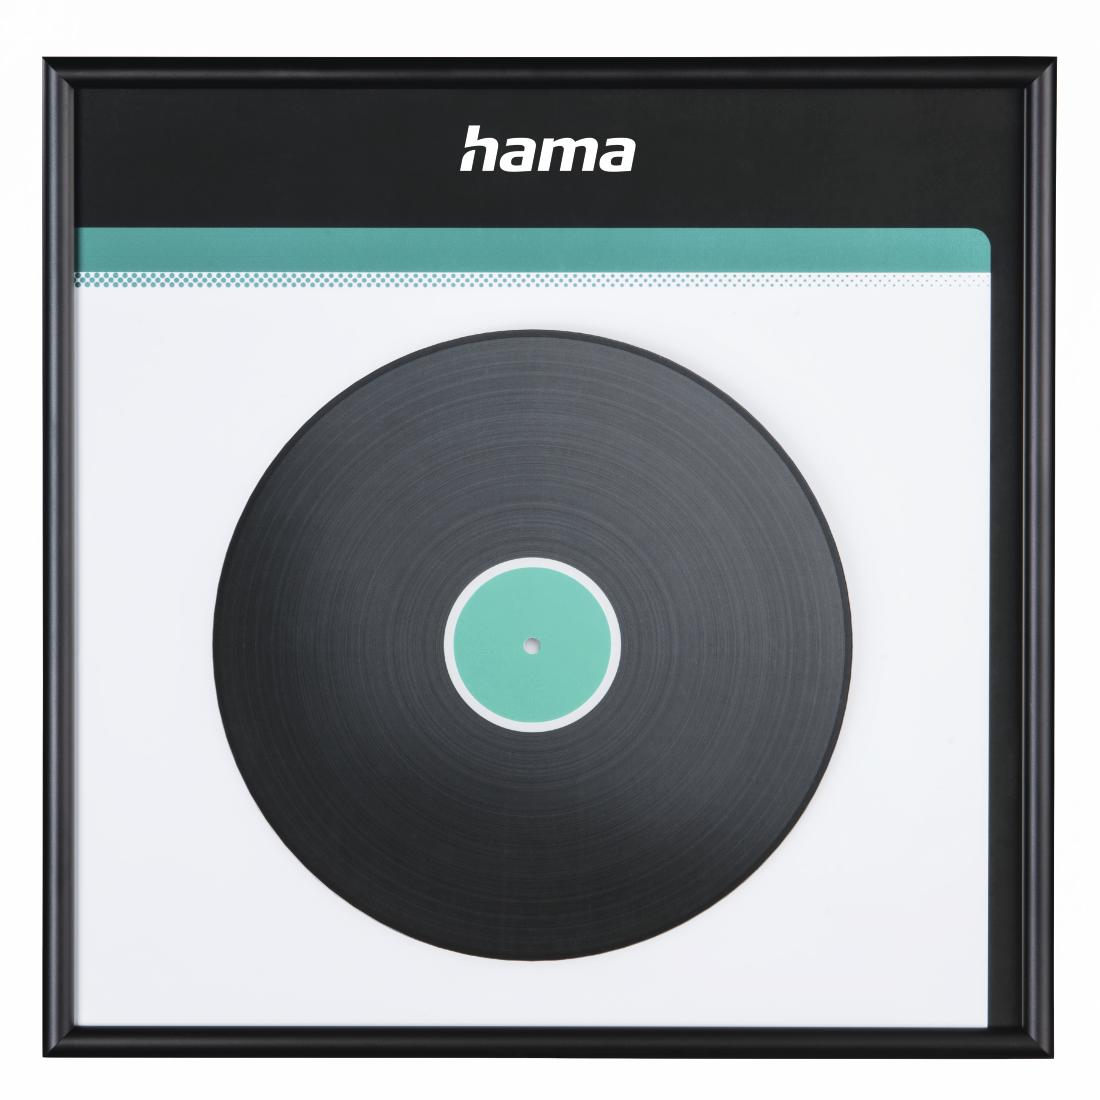 hama.com   00181445 Hama LP-Cover-Rahmen, Aluminium, Schwarz, 31,5 x ...